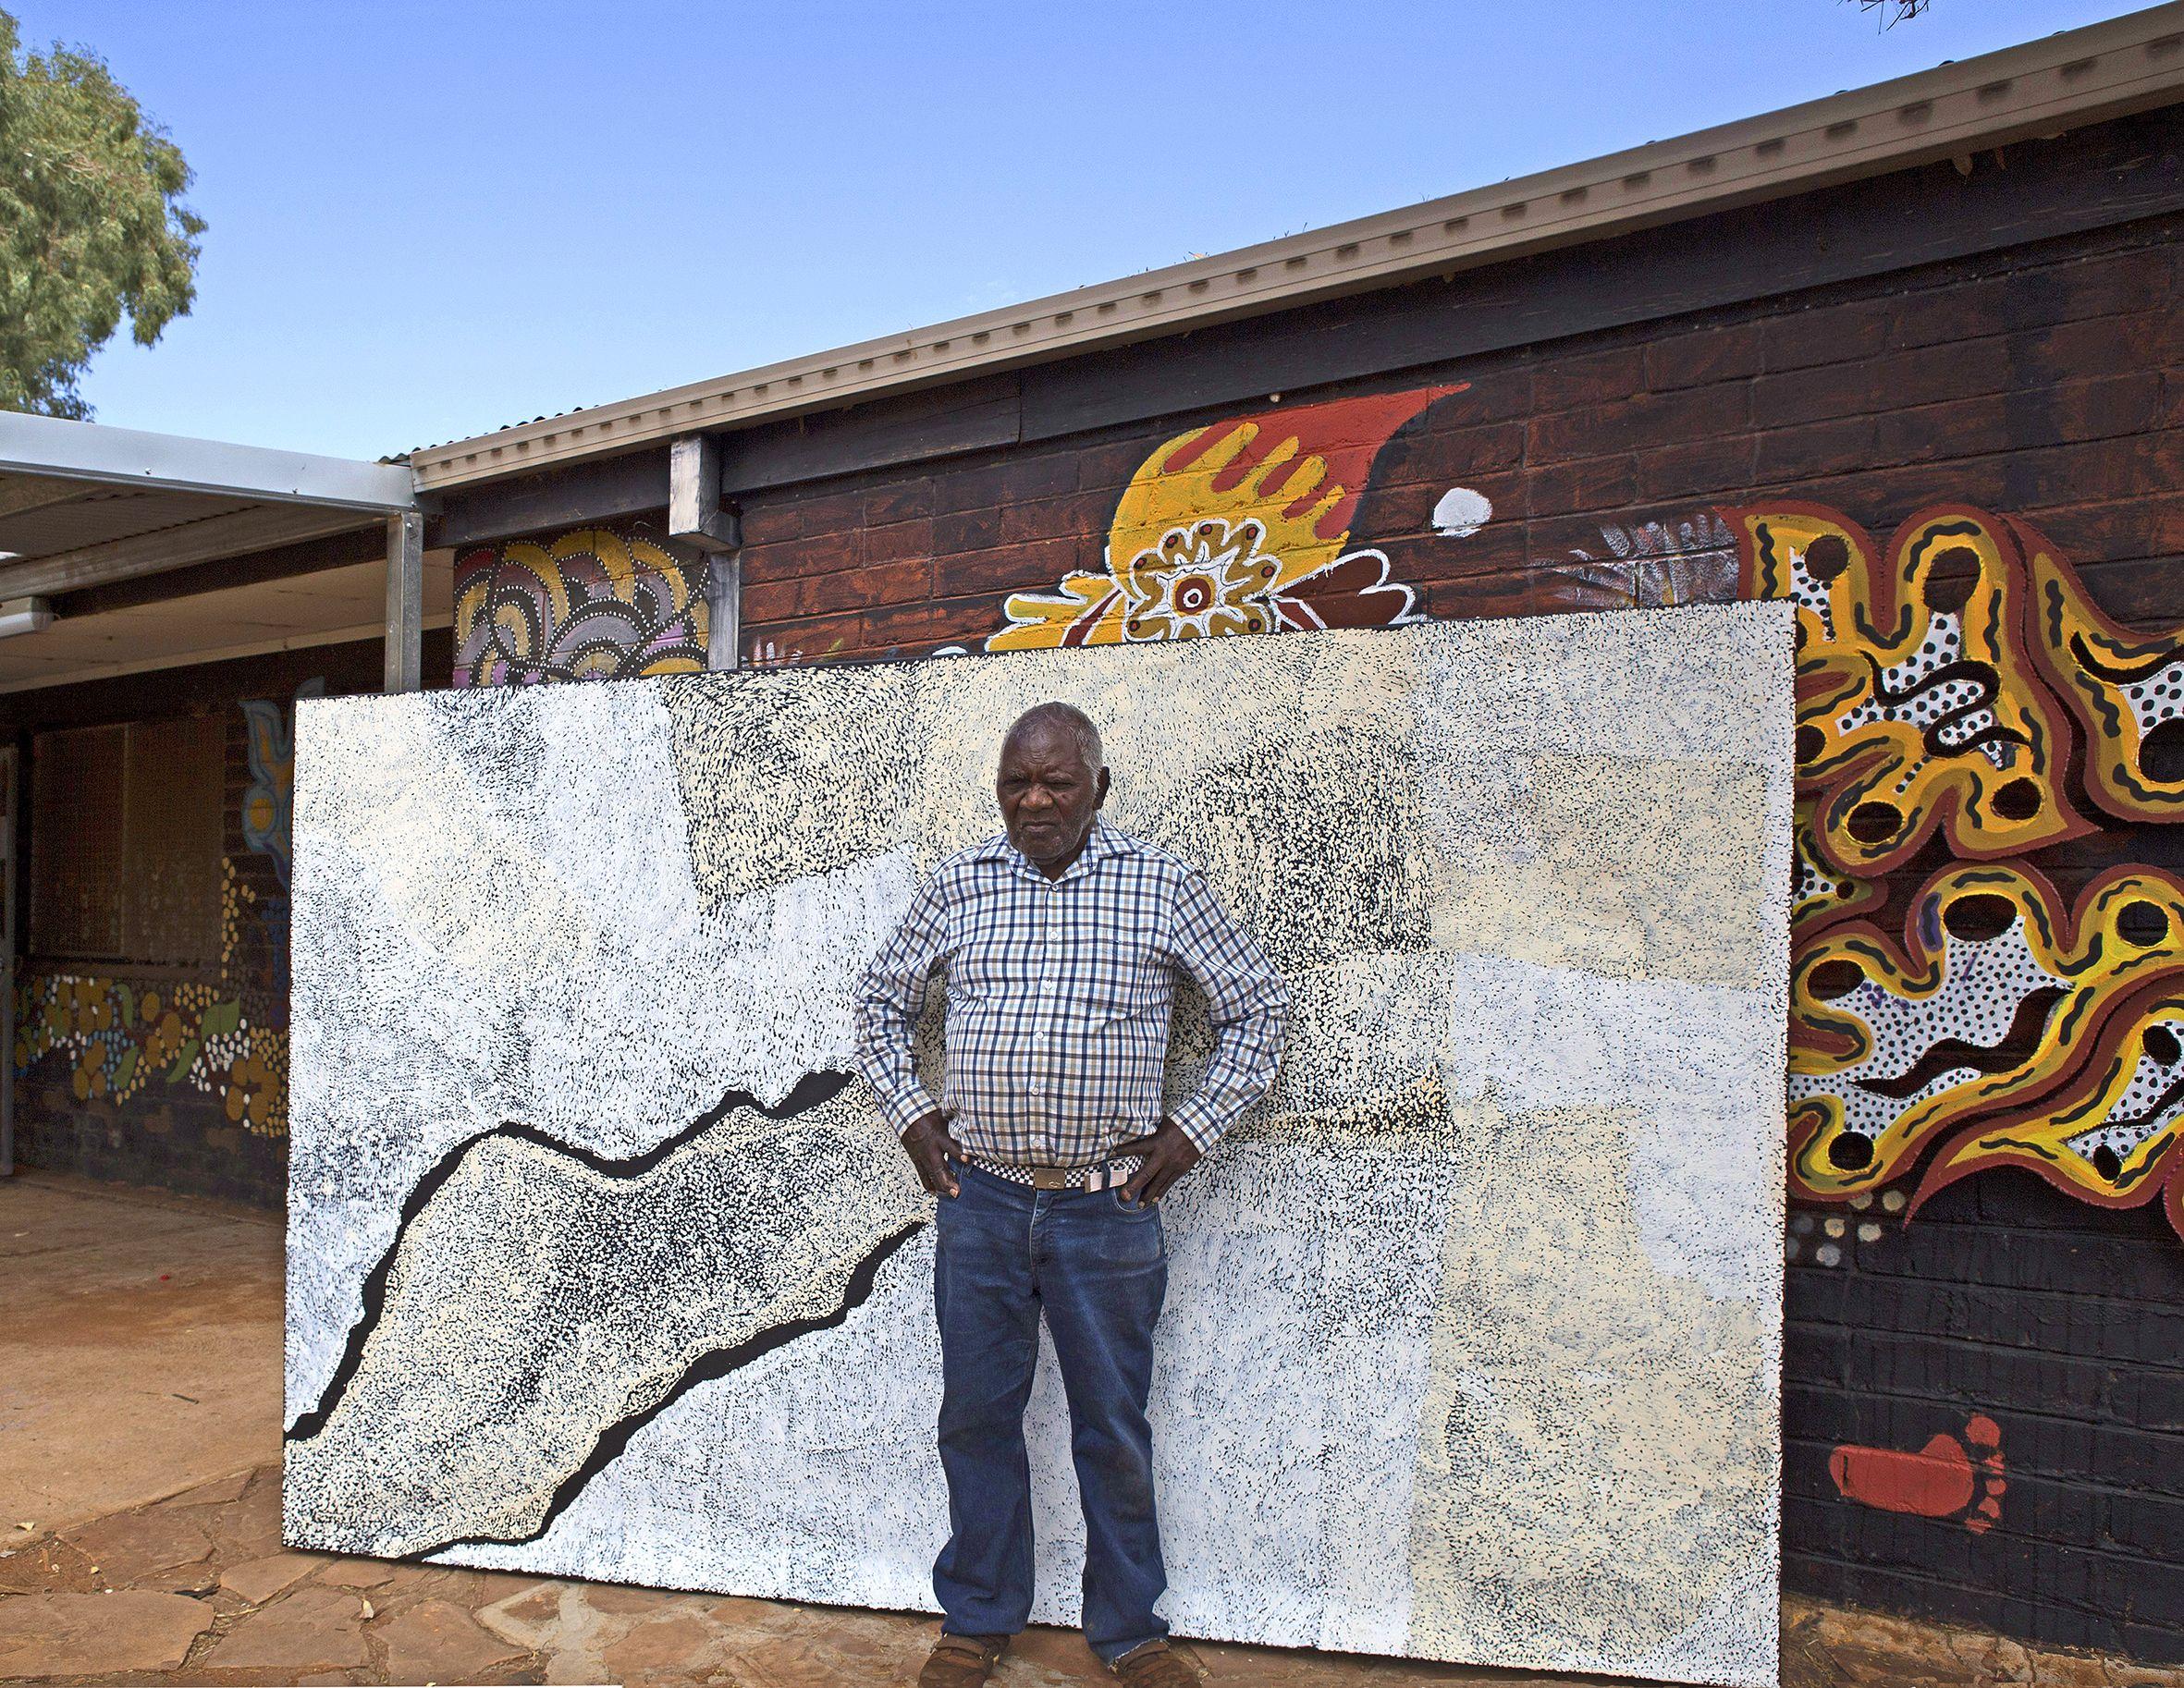 Pepai Jangala Carroll posant avec son œuvre magistrale, juste devant le mur du centre d'art d'Ernabella dans le APY land. © Photo Ernabella Arts with the courtesy of the artist.